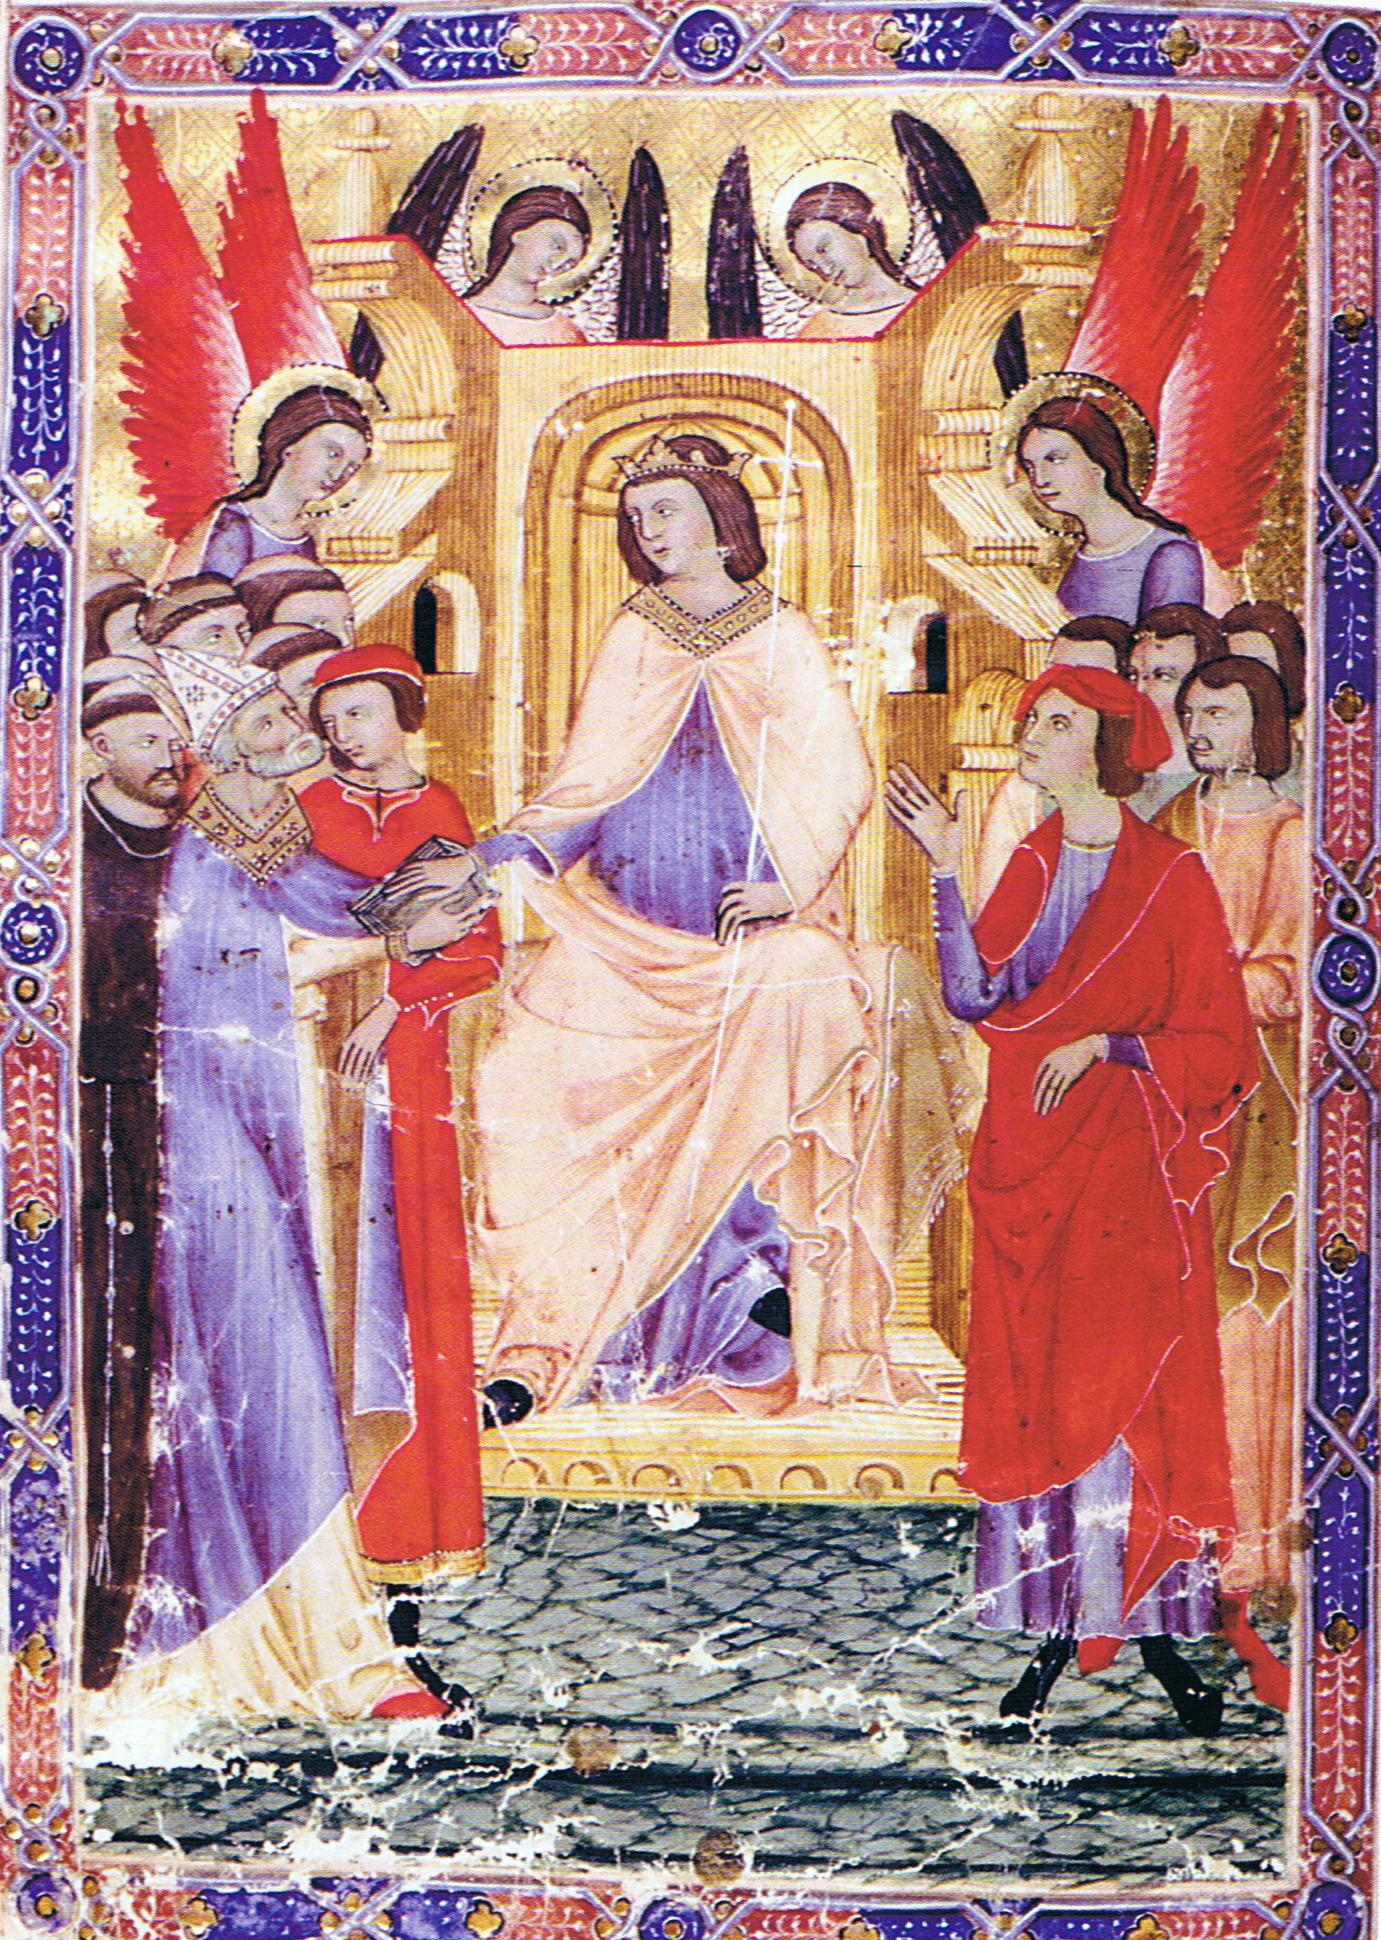 La couronne de Majorque